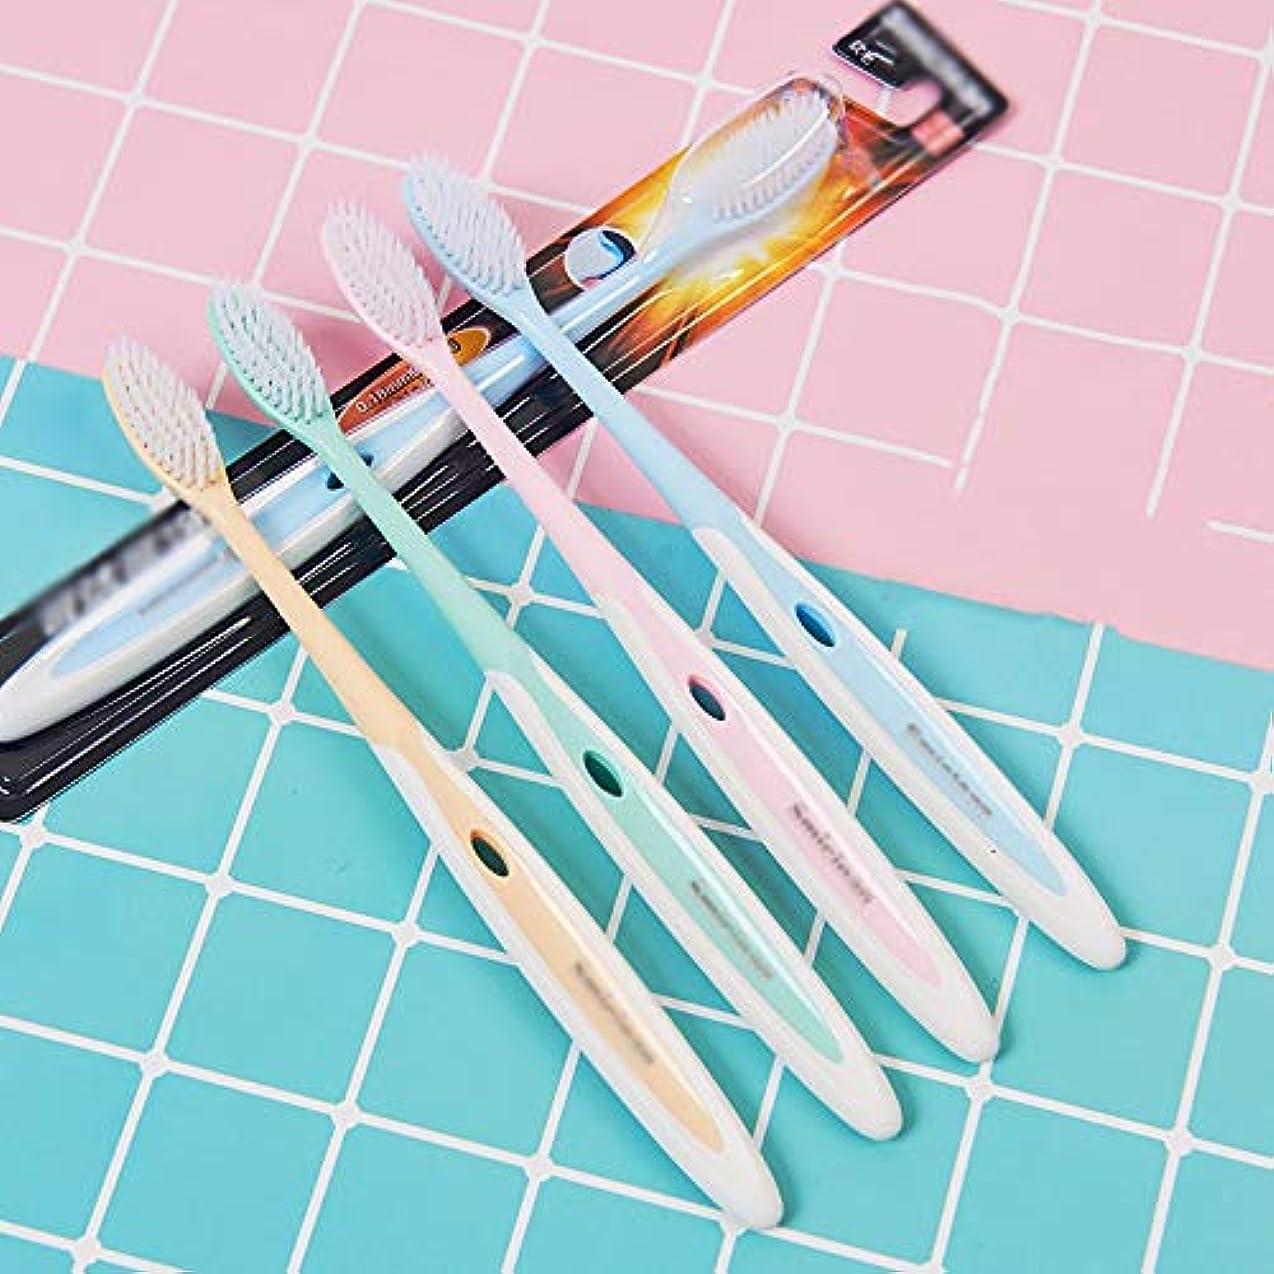 ルートバケット思われる歯ブラシ 10本のバルク歯ブラシ、大人の竹炭の歯ブラシ、口腔衛生歯ブラシ KHL (サイズ : 10 packs)